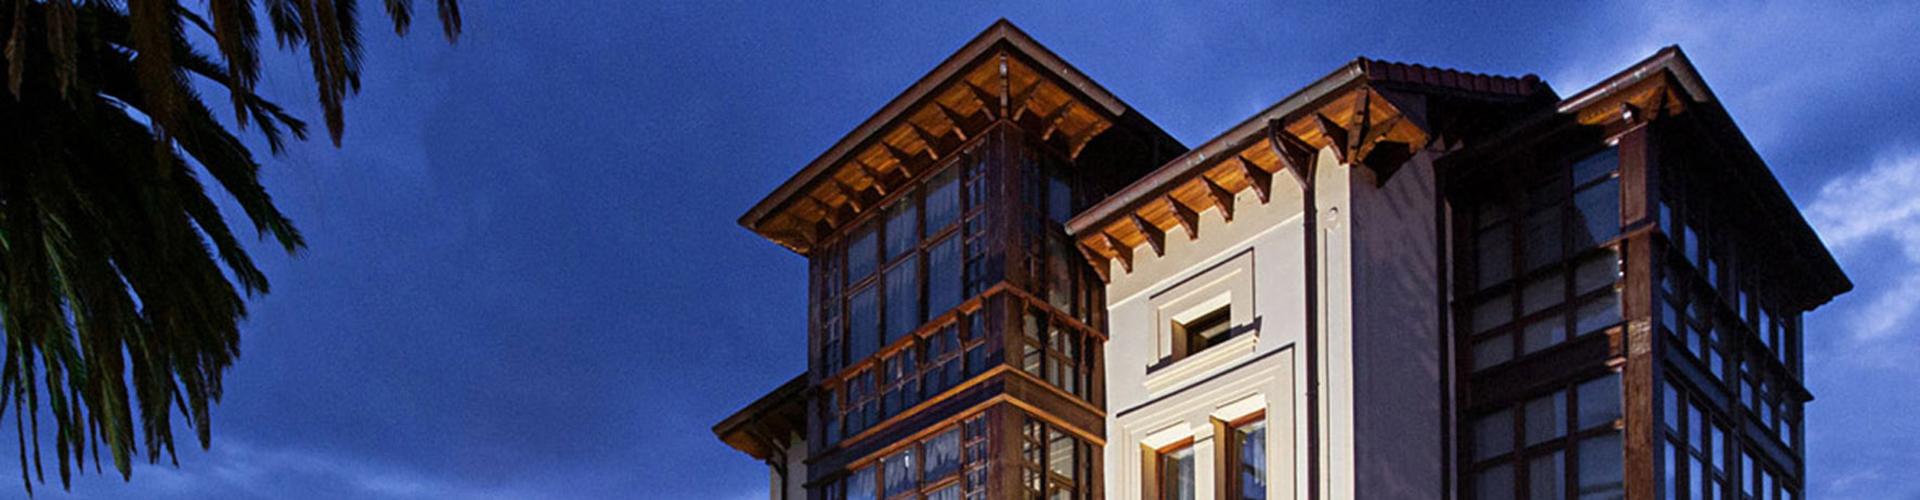 el-indiana-edificio-clásico-en-madera